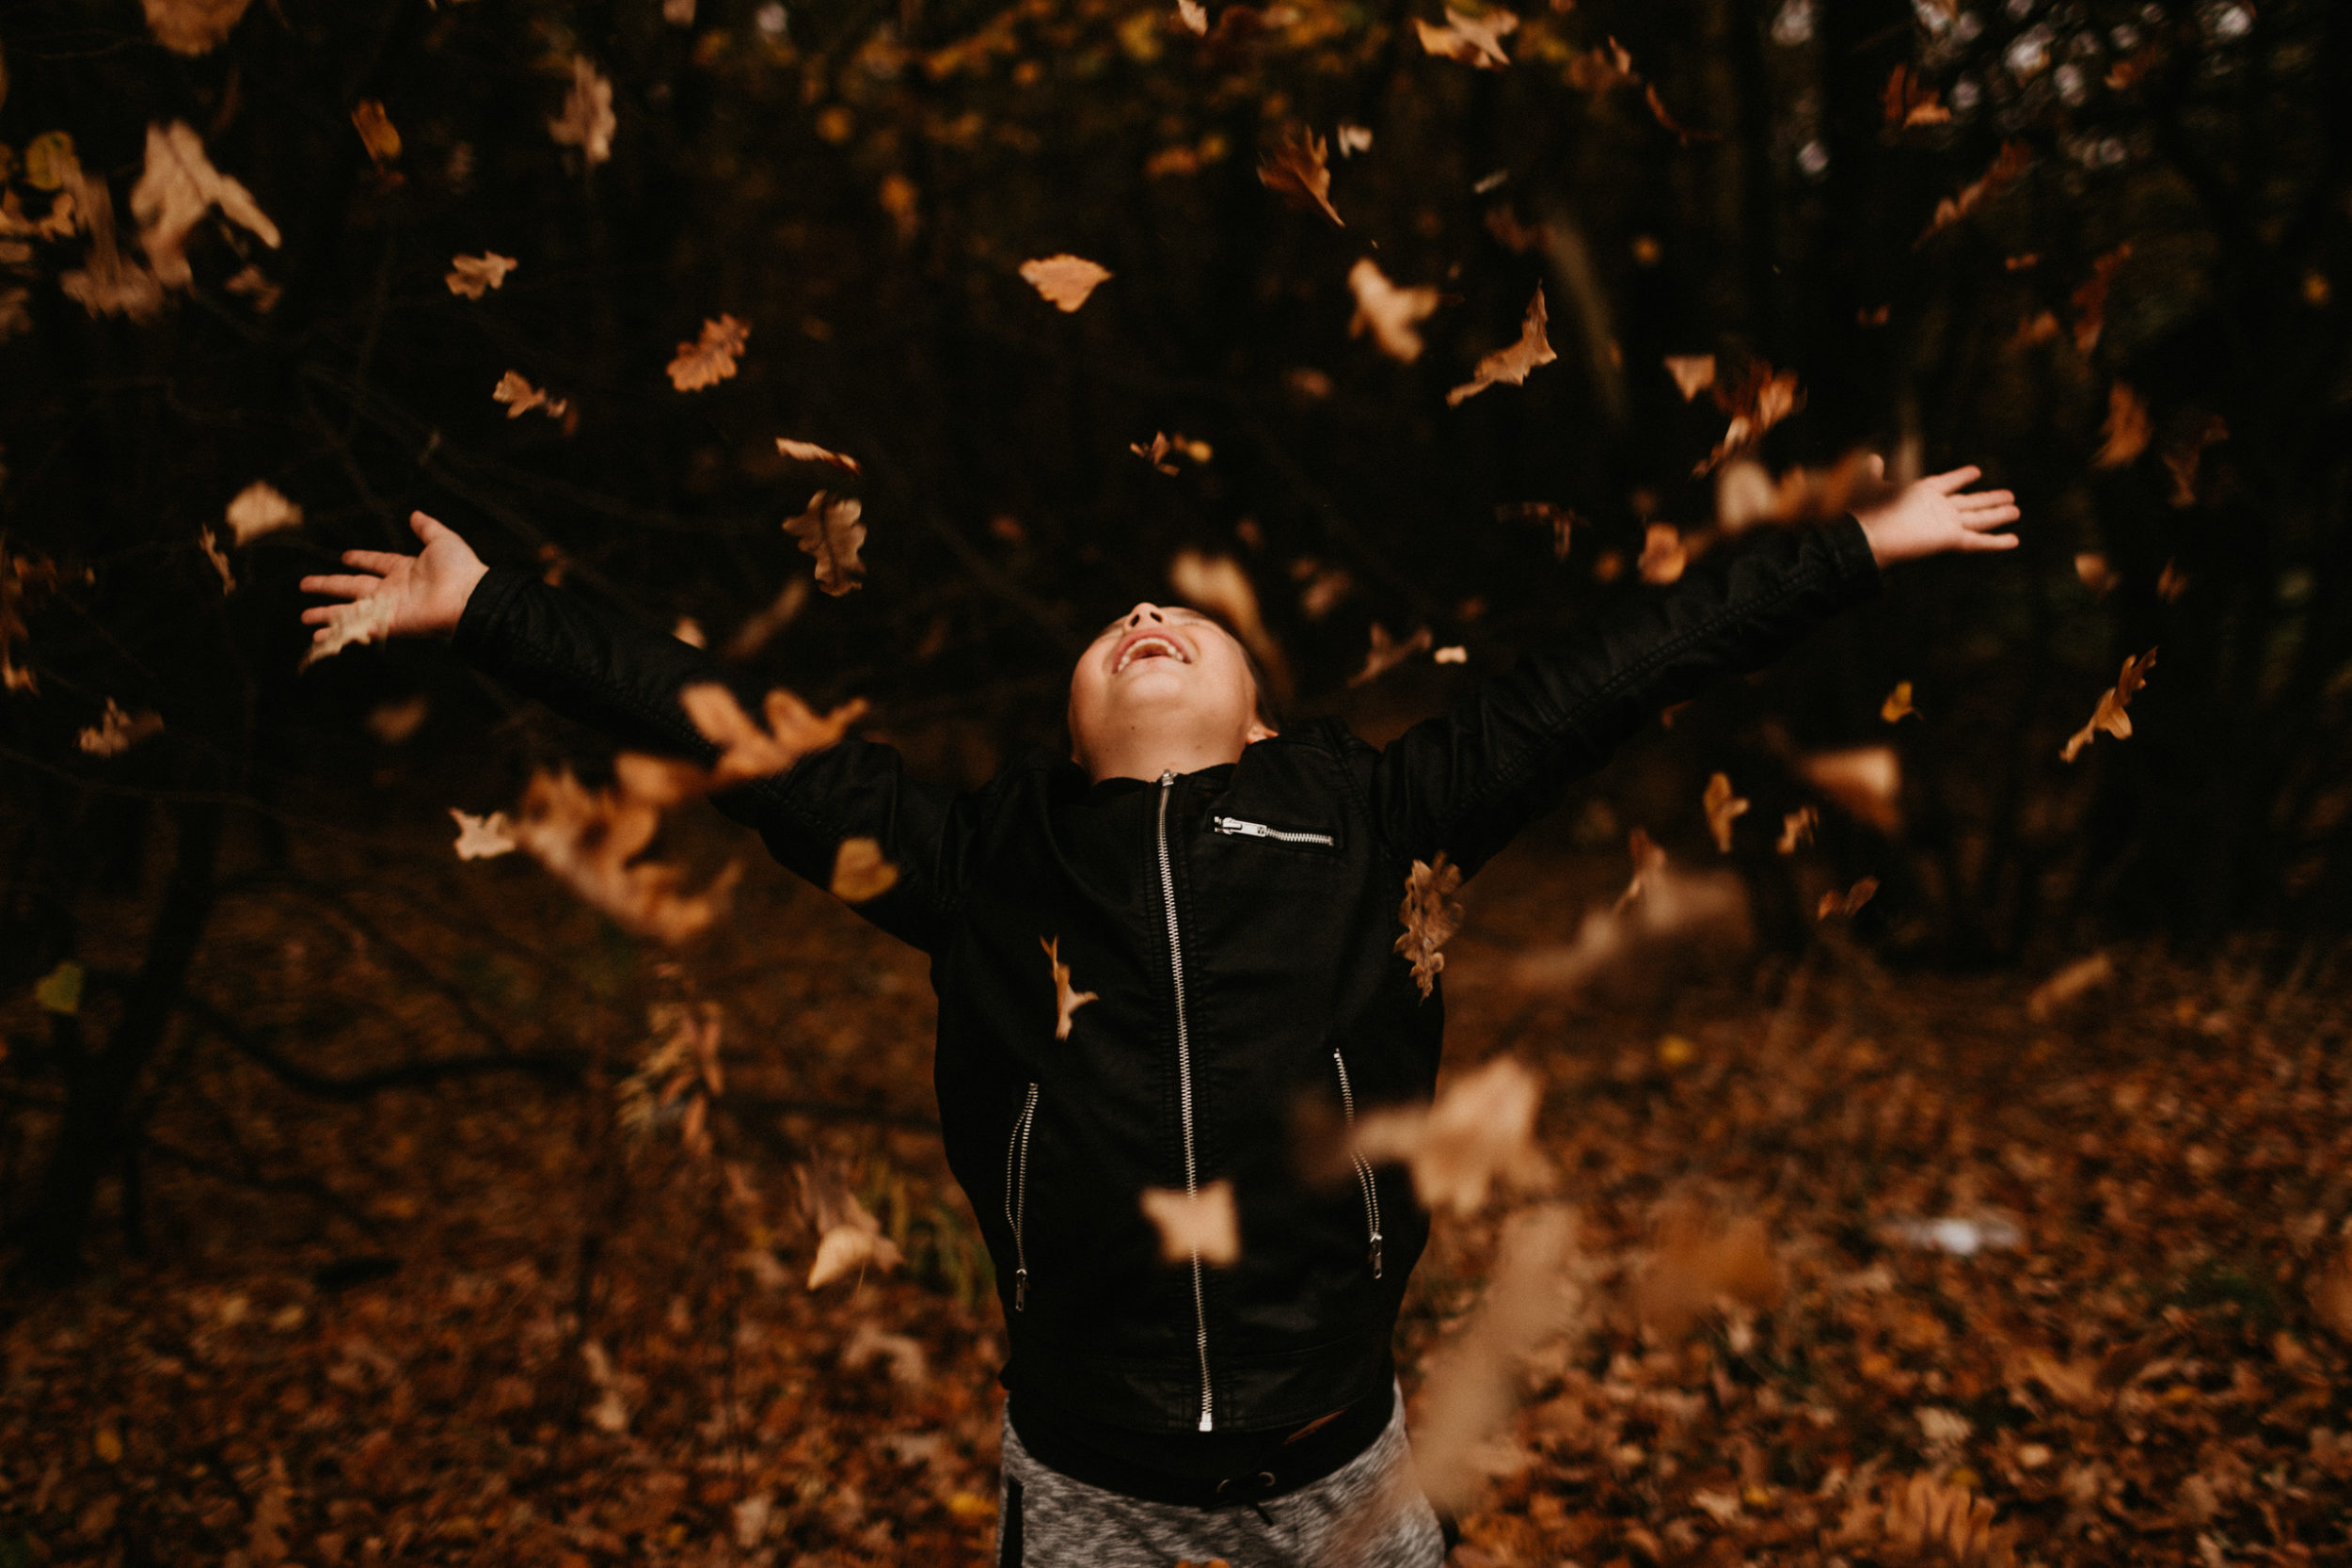 jesienna sesja rodzinna fotografia gliwice 00022